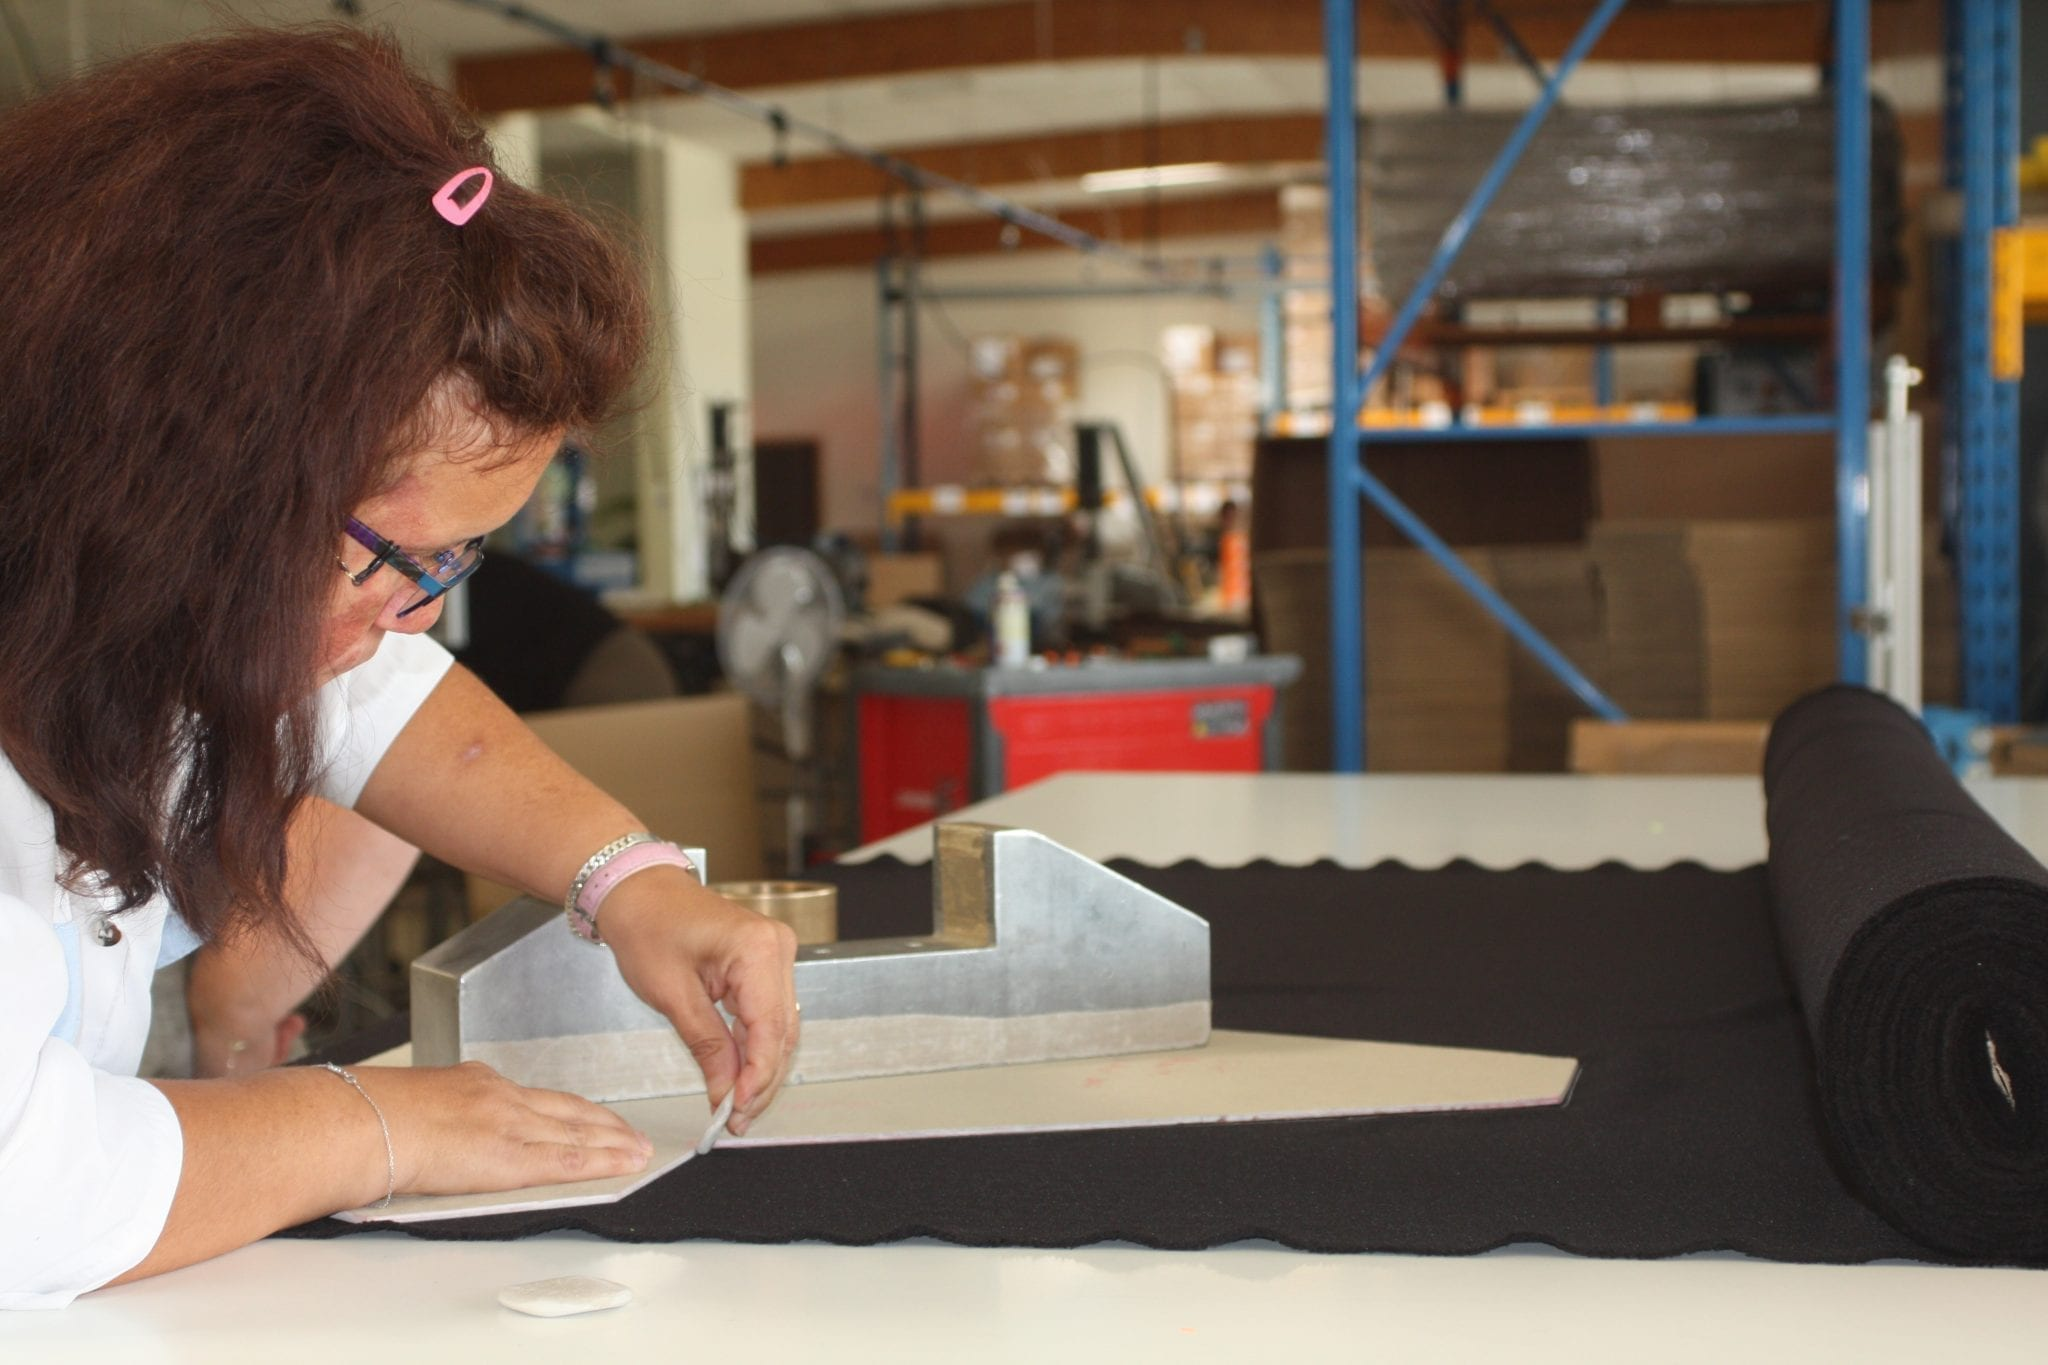 Une femme travaille dans un atelier avec du tissu